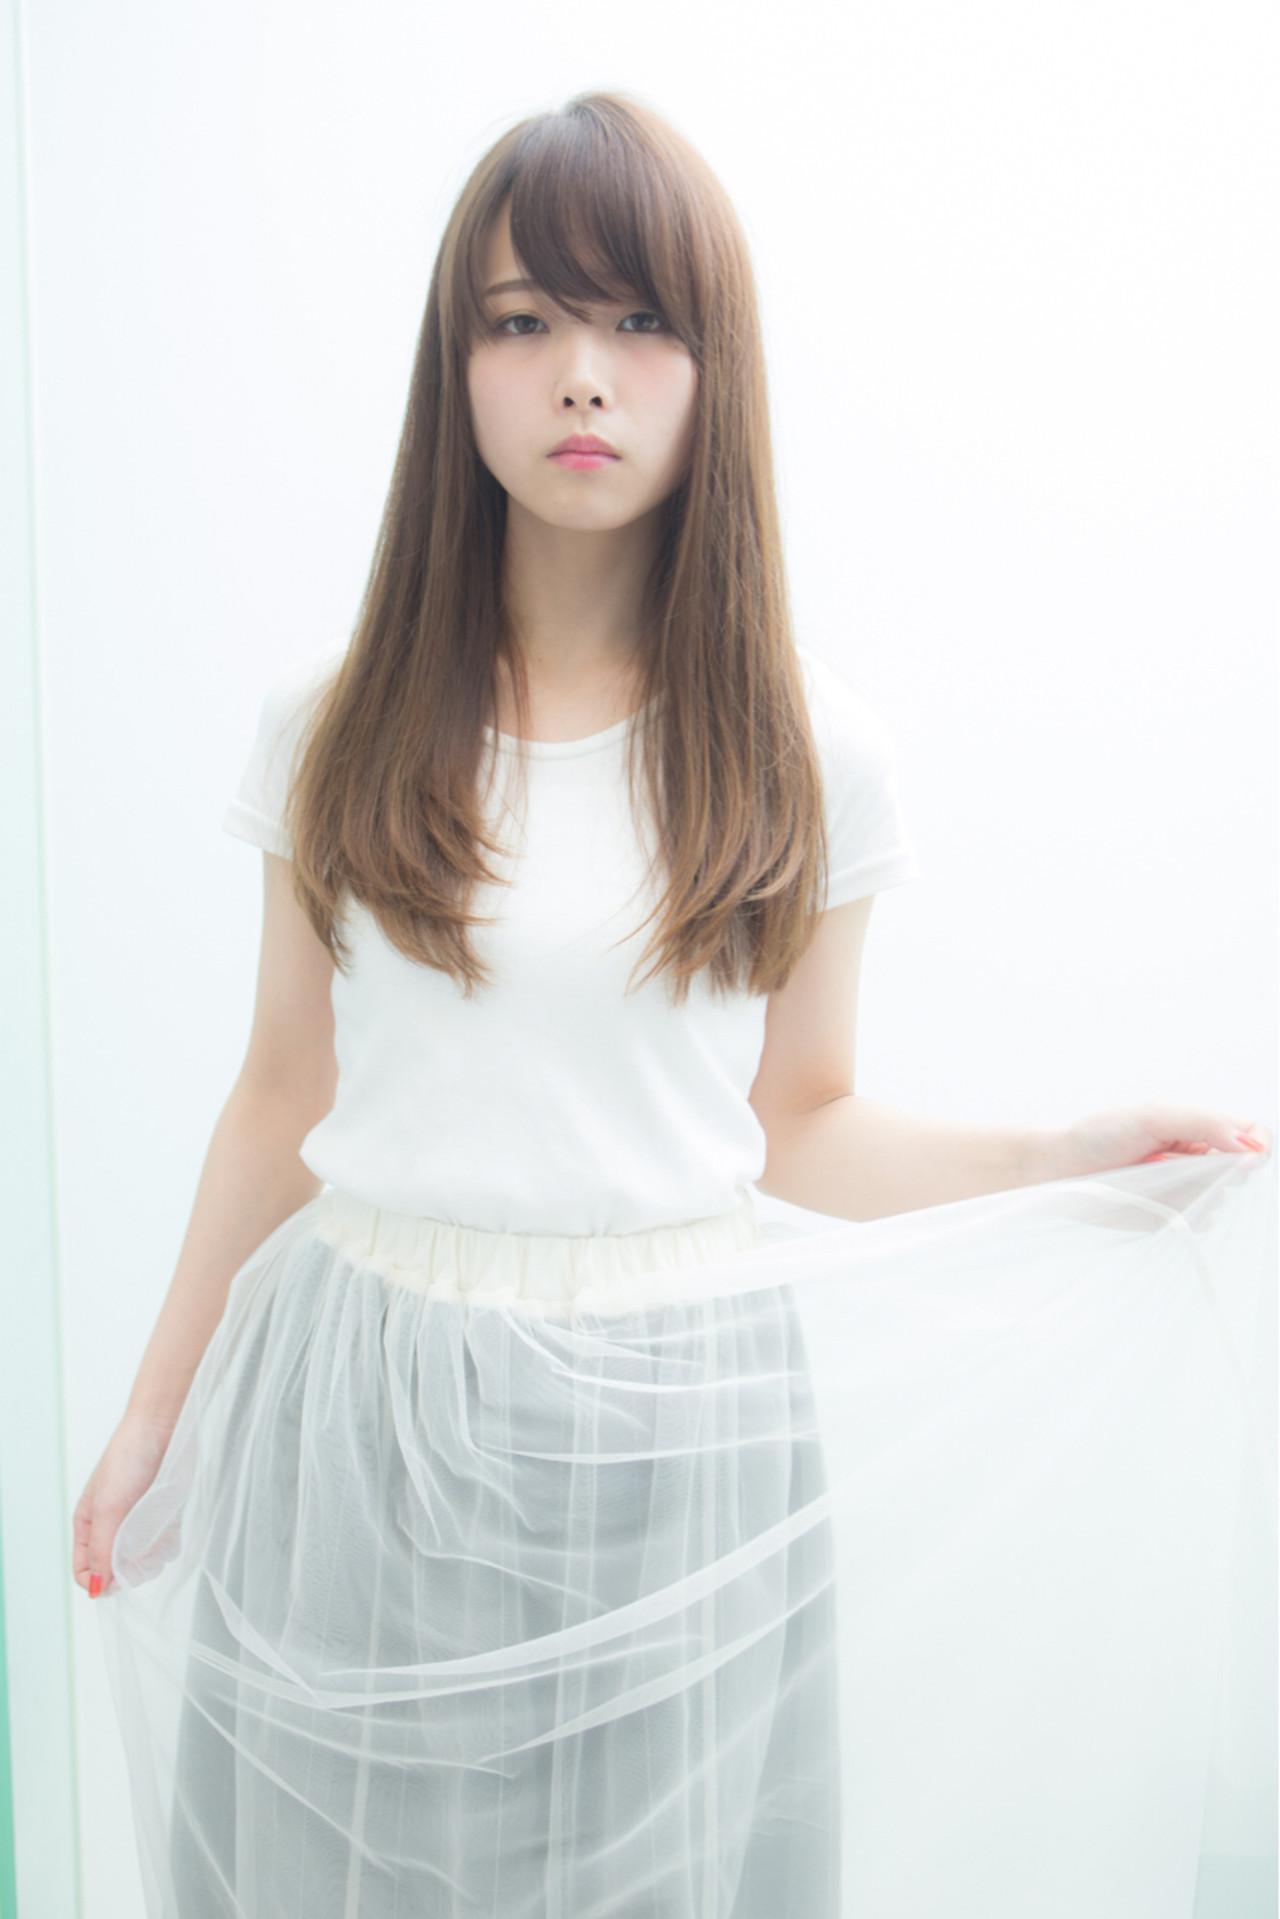 巻き髪ストレートヘア。オシャレに魅せたい、アンニュイスタイル。 鬼塚 雅章 / Euphoria+nサンシャイン通り店・+e60回通り店